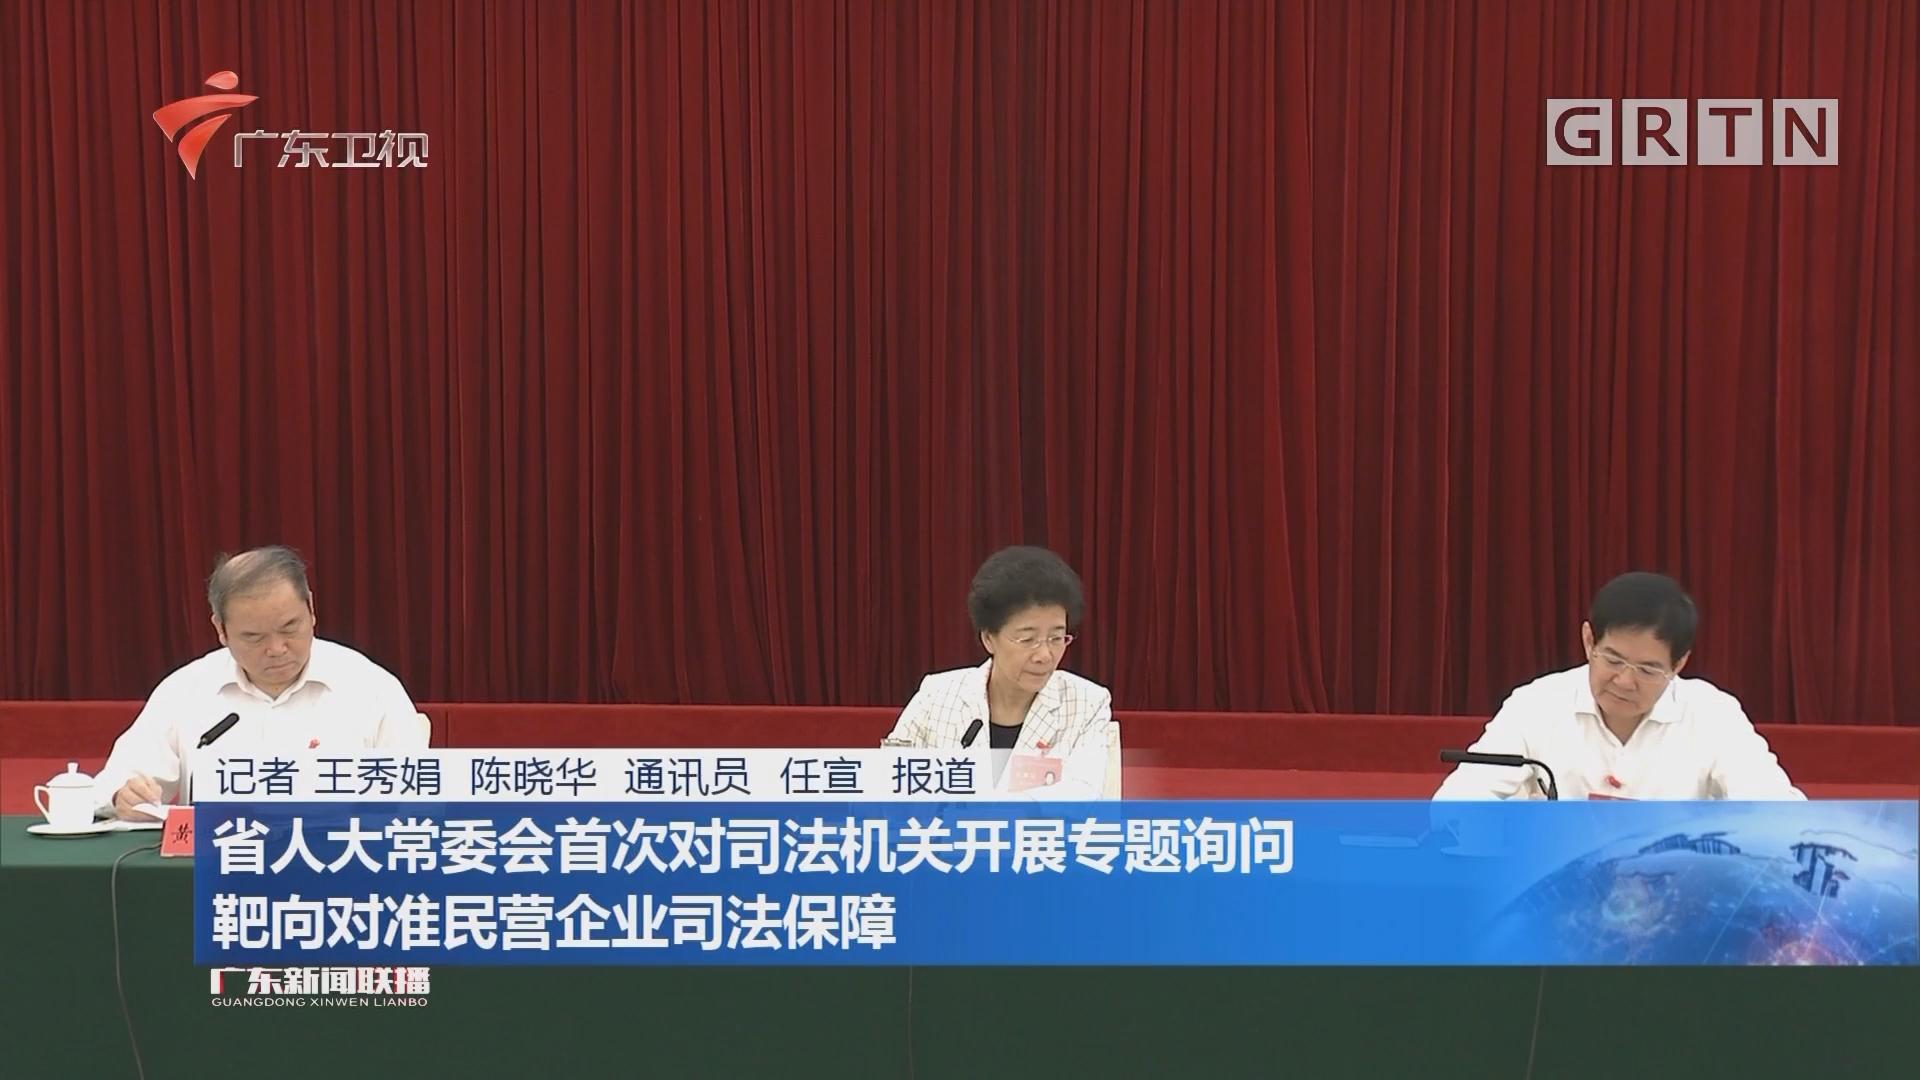 省人大常委会首次对司法机关开展专题询问 靶向对准民营企业司法保障